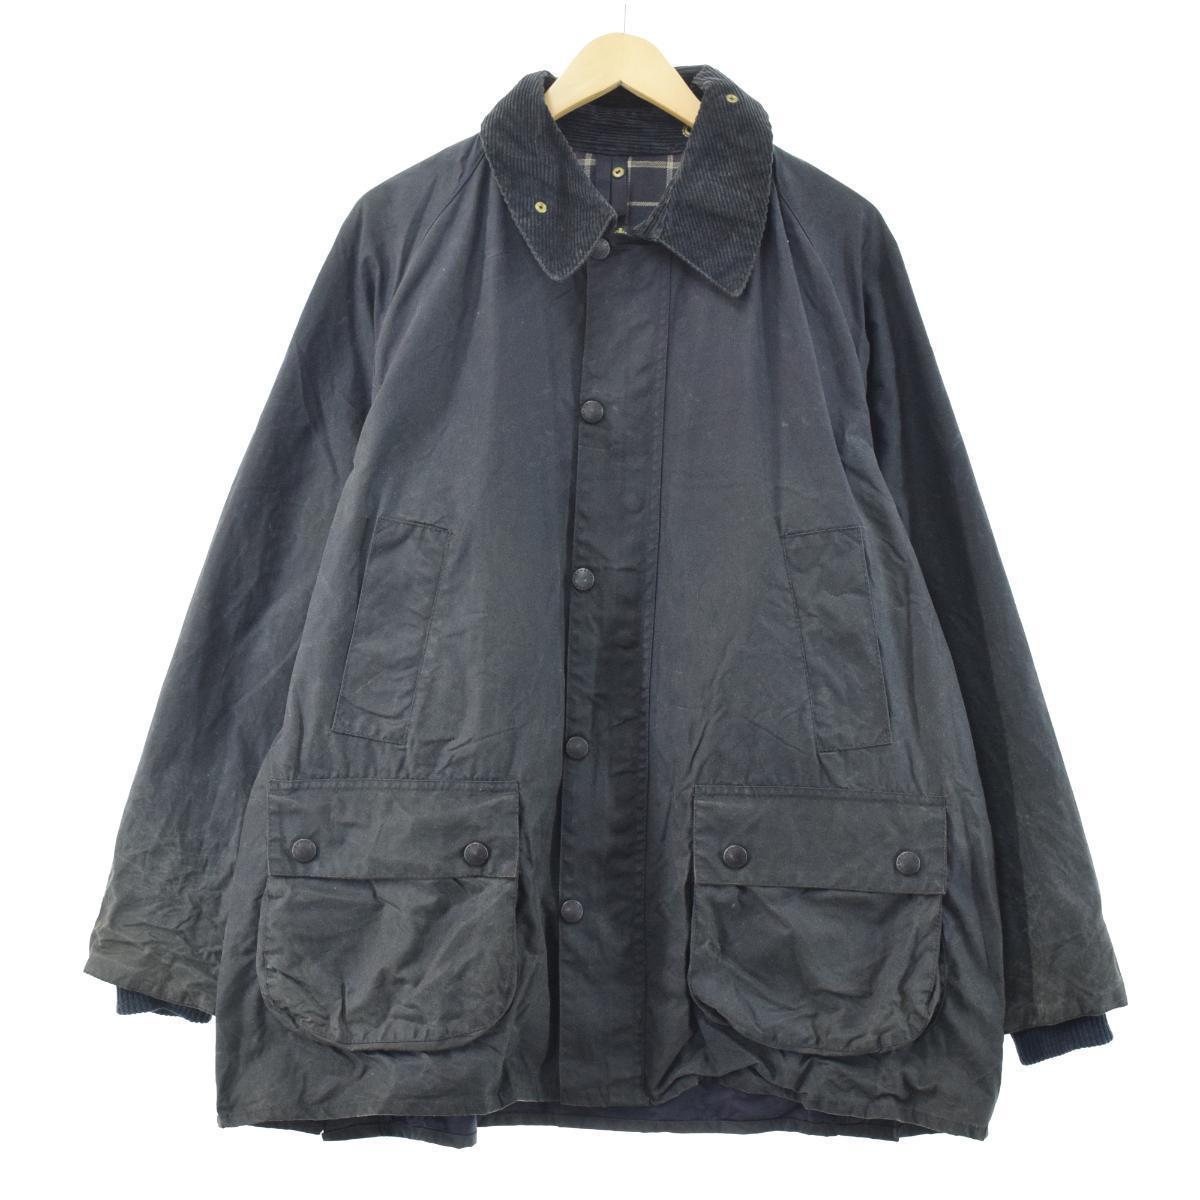 90年代 バブアー Barbour BEDALE ビデイル ワックスコットン 旧3ワラント 中古 201129 C44 英国製 eaa096912 半額 オイルドジャケット メンズL 倉